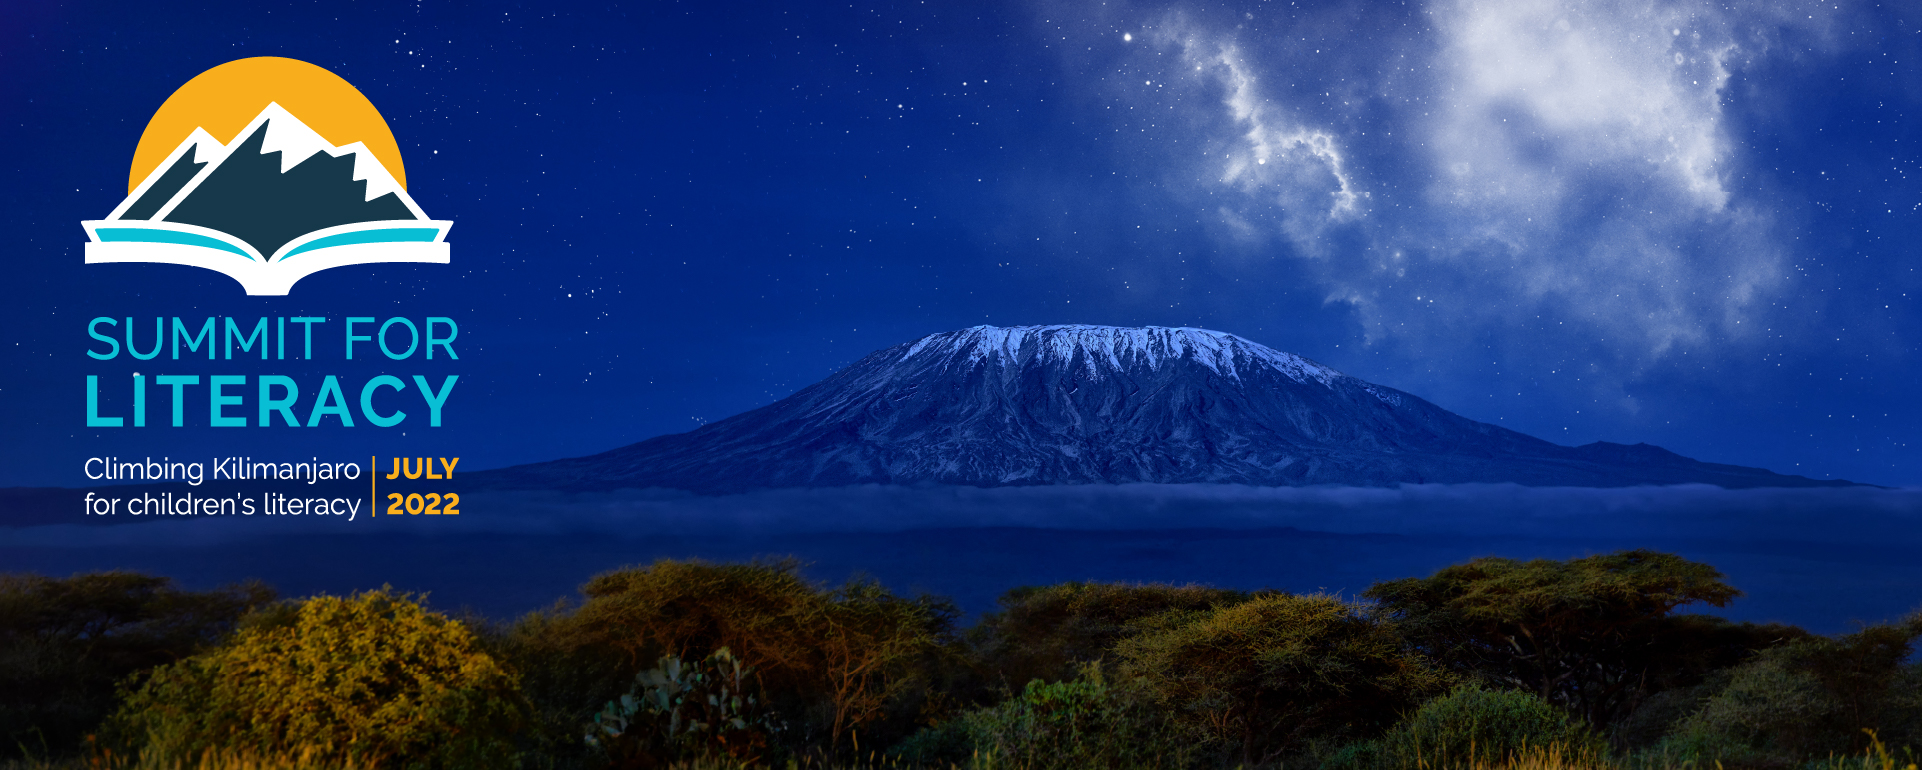 CODE-Kilimanjaro-WebBanners-1921x769